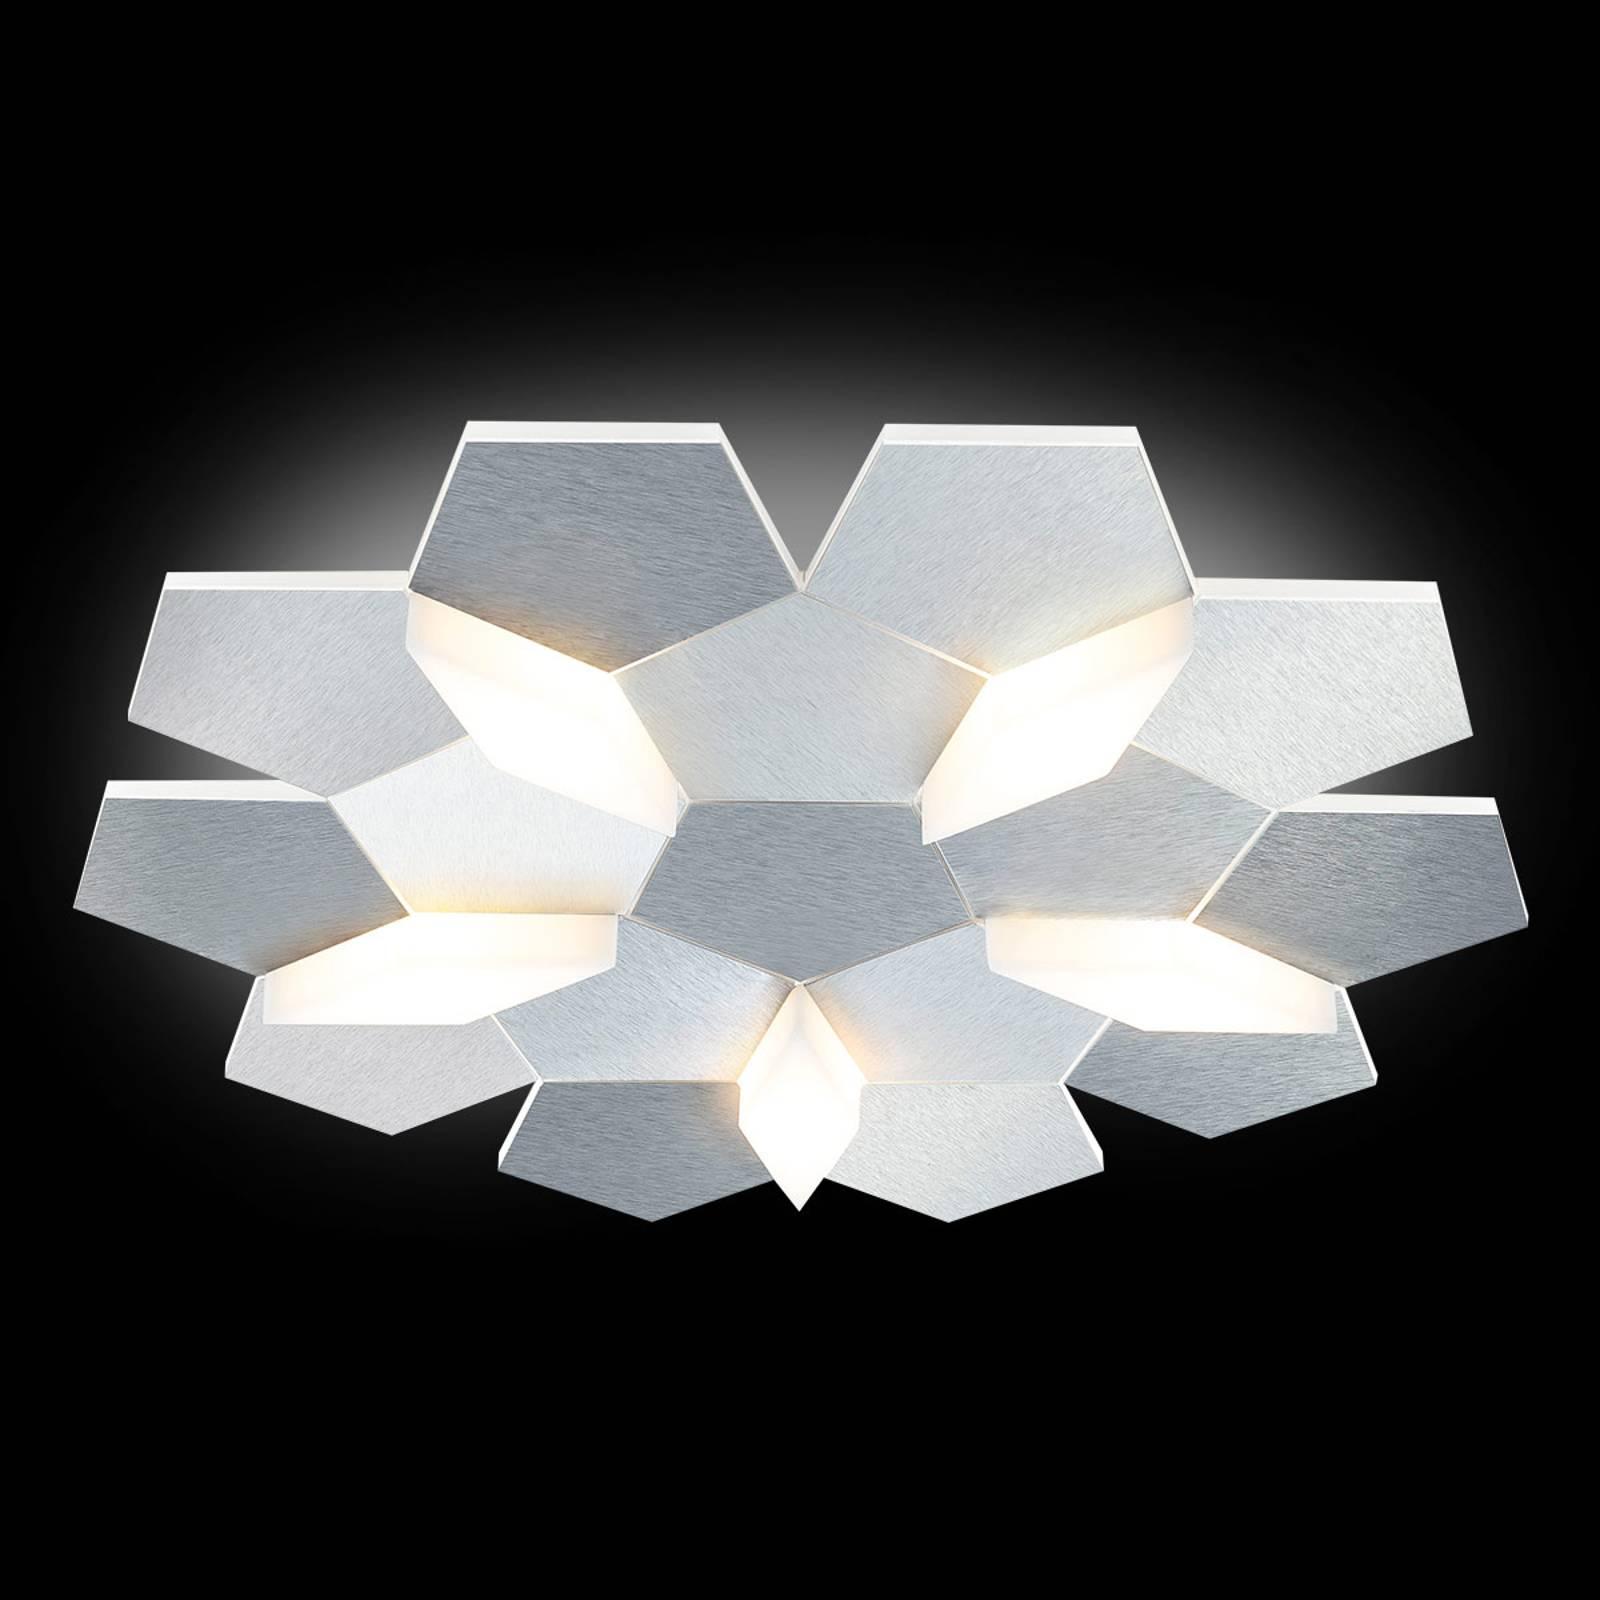 GROSSMANN Karat LED-kattovalaisin 5-lampp.